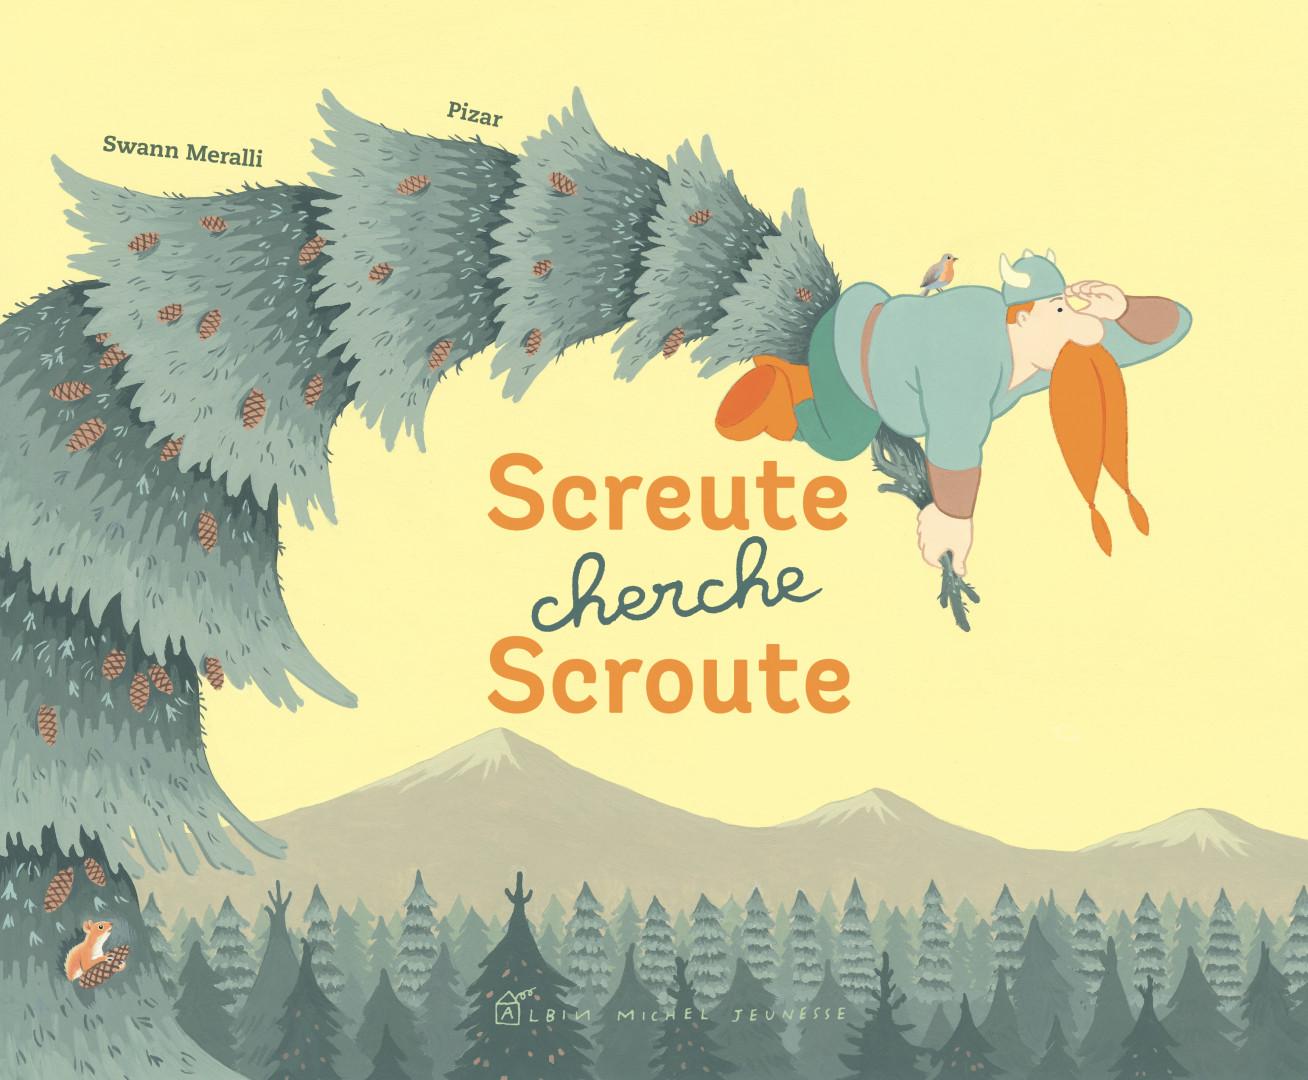 """""""Screute cherche Scroute"""" de Swann Meralli et Pizar"""